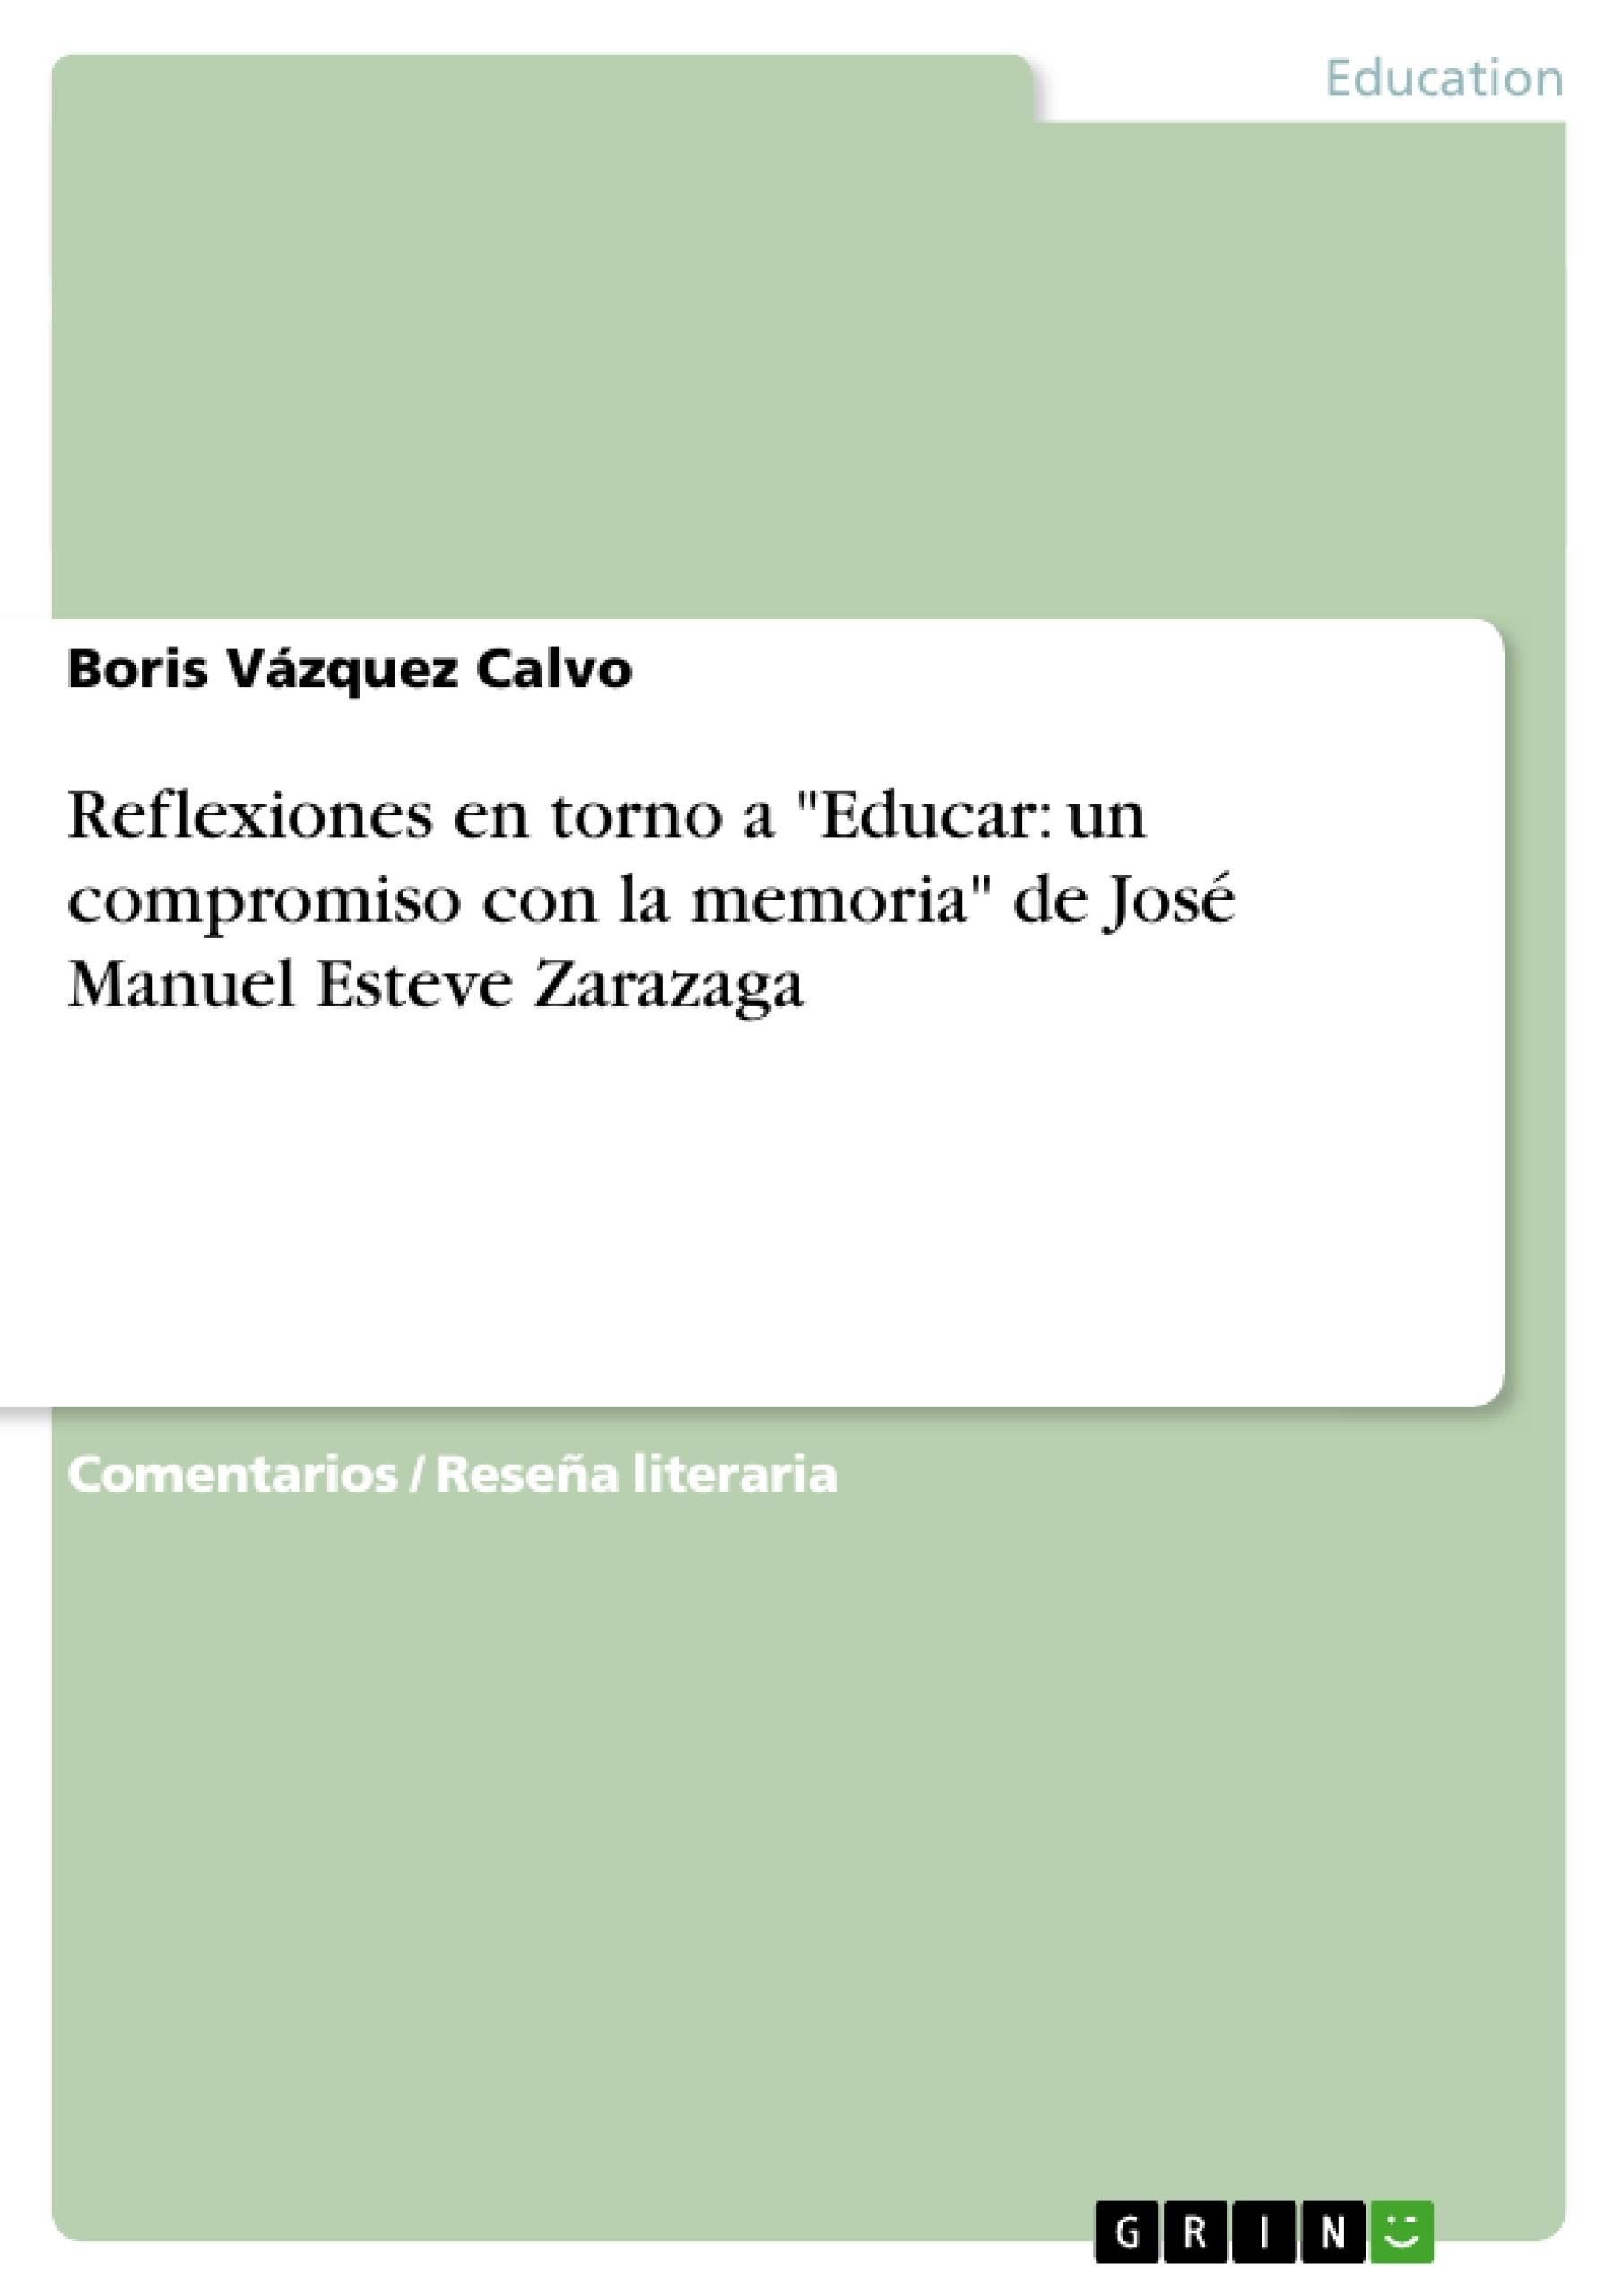 """Título: Reflexiones en torno a """"Educar: un compromiso con la memoria"""" de José Manuel Esteve Zarazaga"""